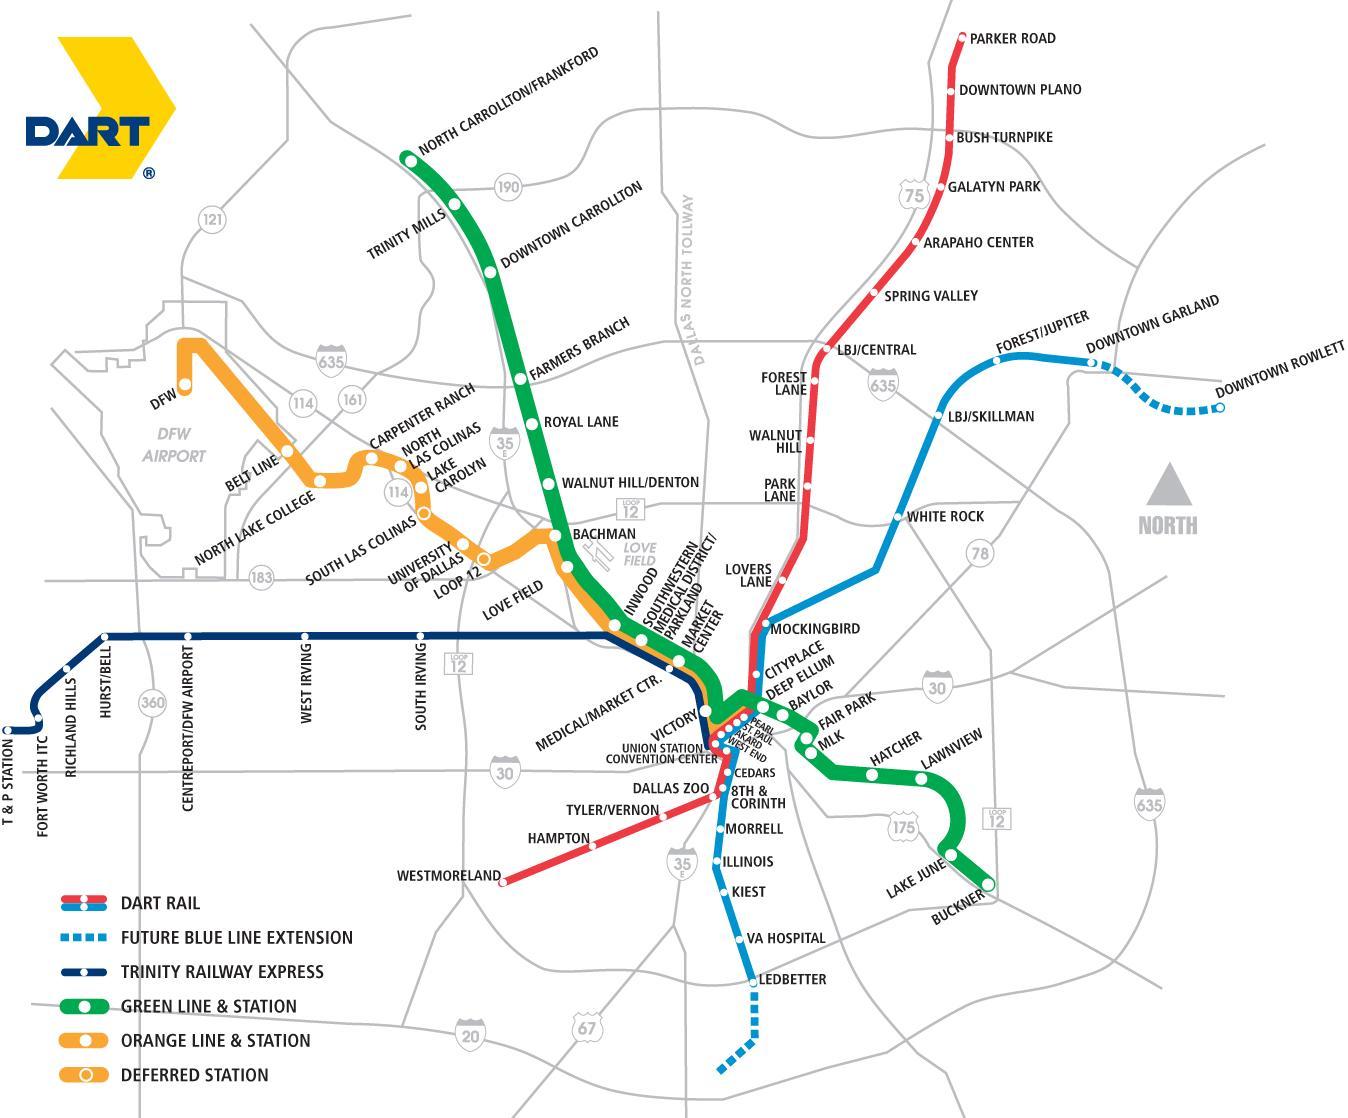 mapa de transito Dallas tránsito mapa   Dallas zona de tránsito rápido de mapa  mapa de transito